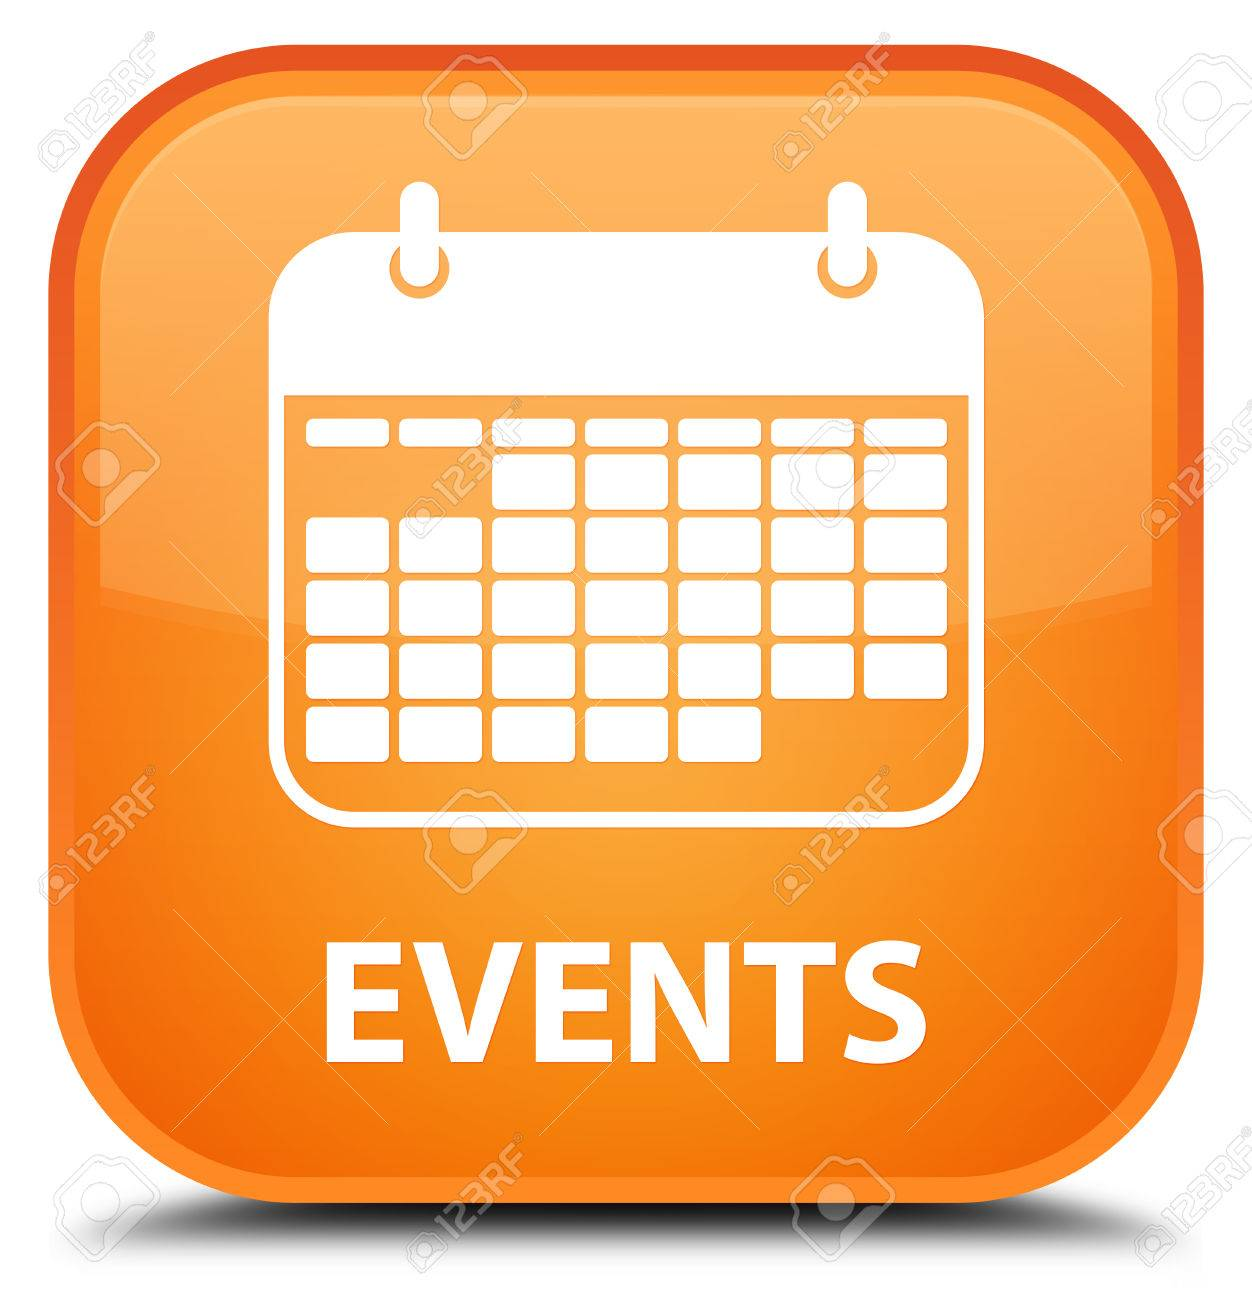 events calendar icon orange square button stock photo 55577006